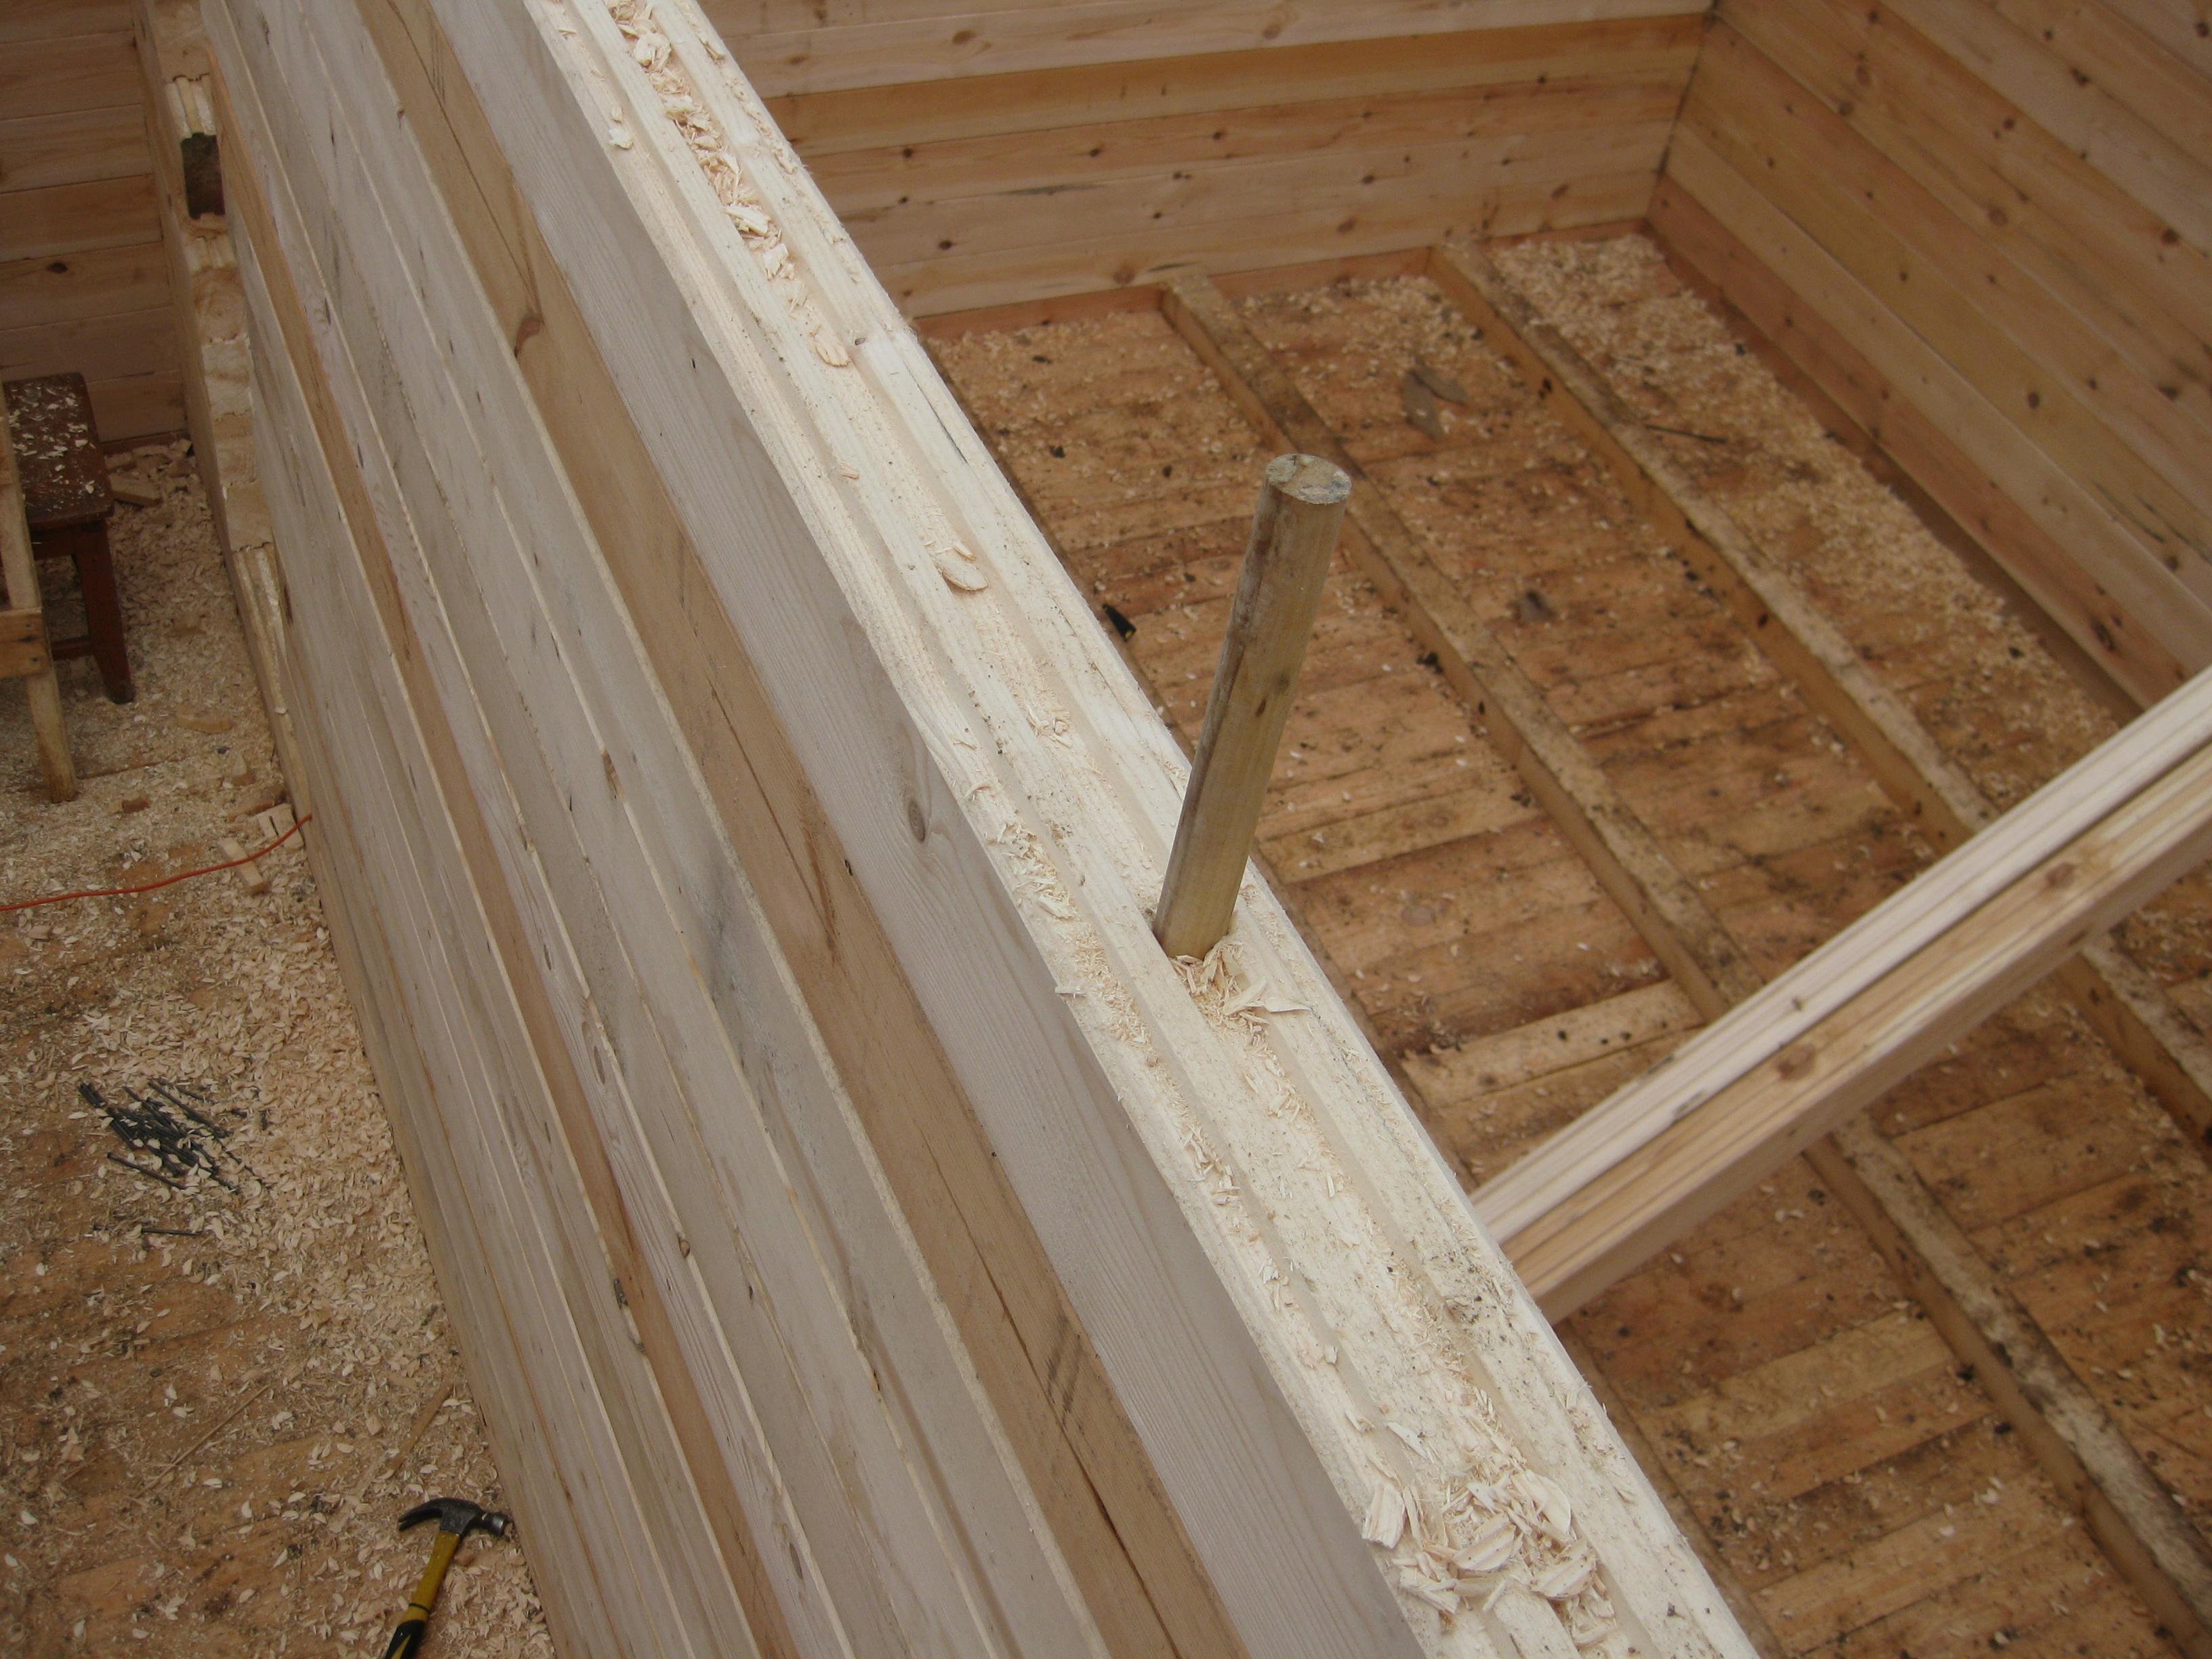 Сборка сруба на деревянные нагеля – пиленый брус